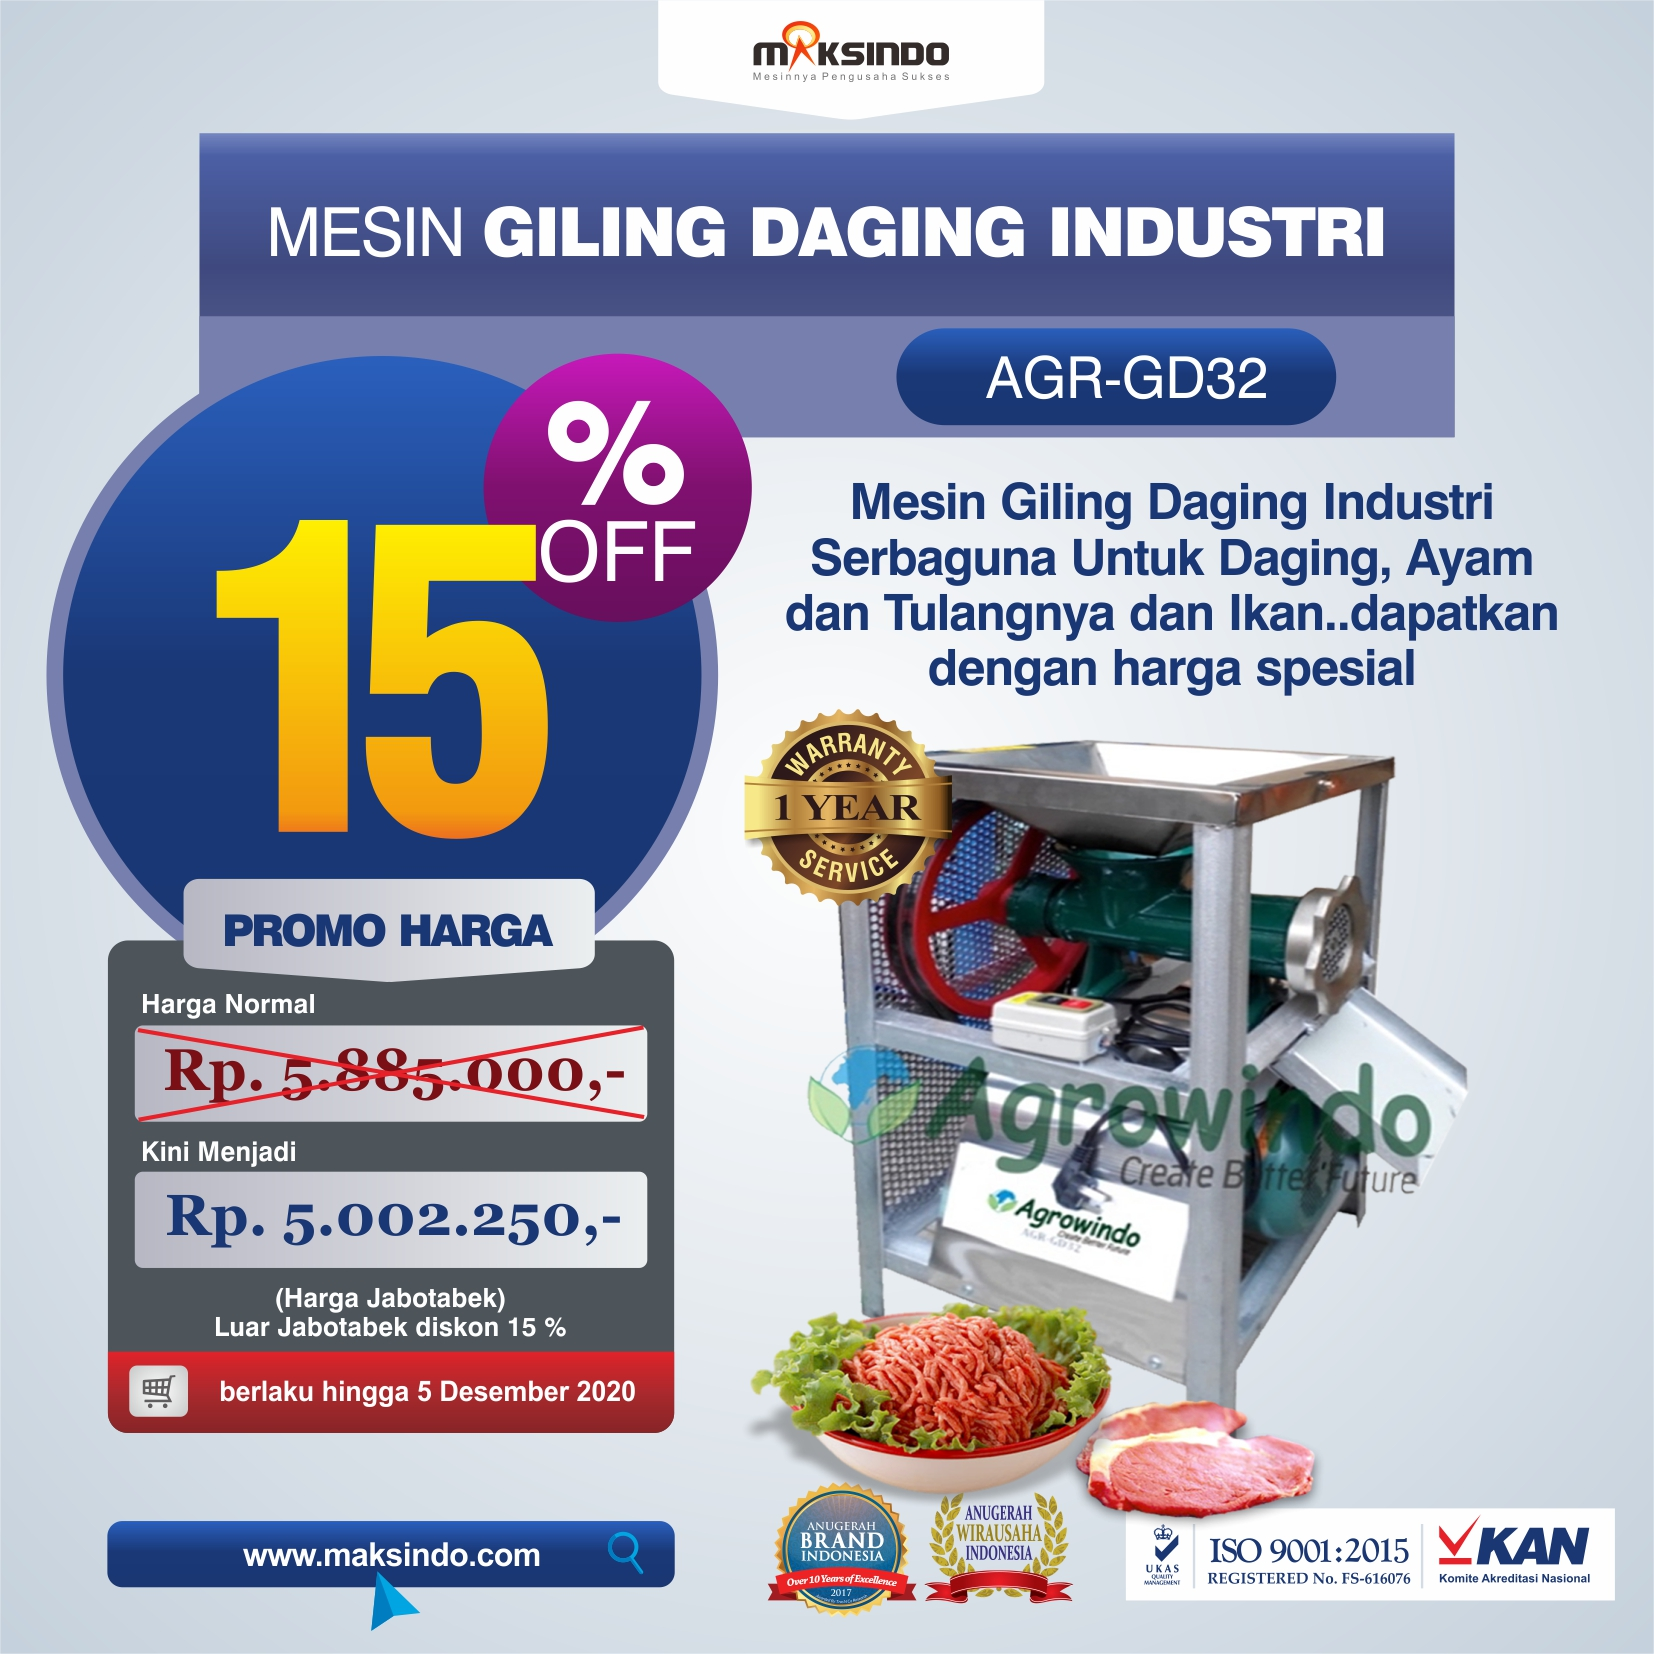 Jual Mesin Giling Daging Industri (AGR-GD32) di Medan